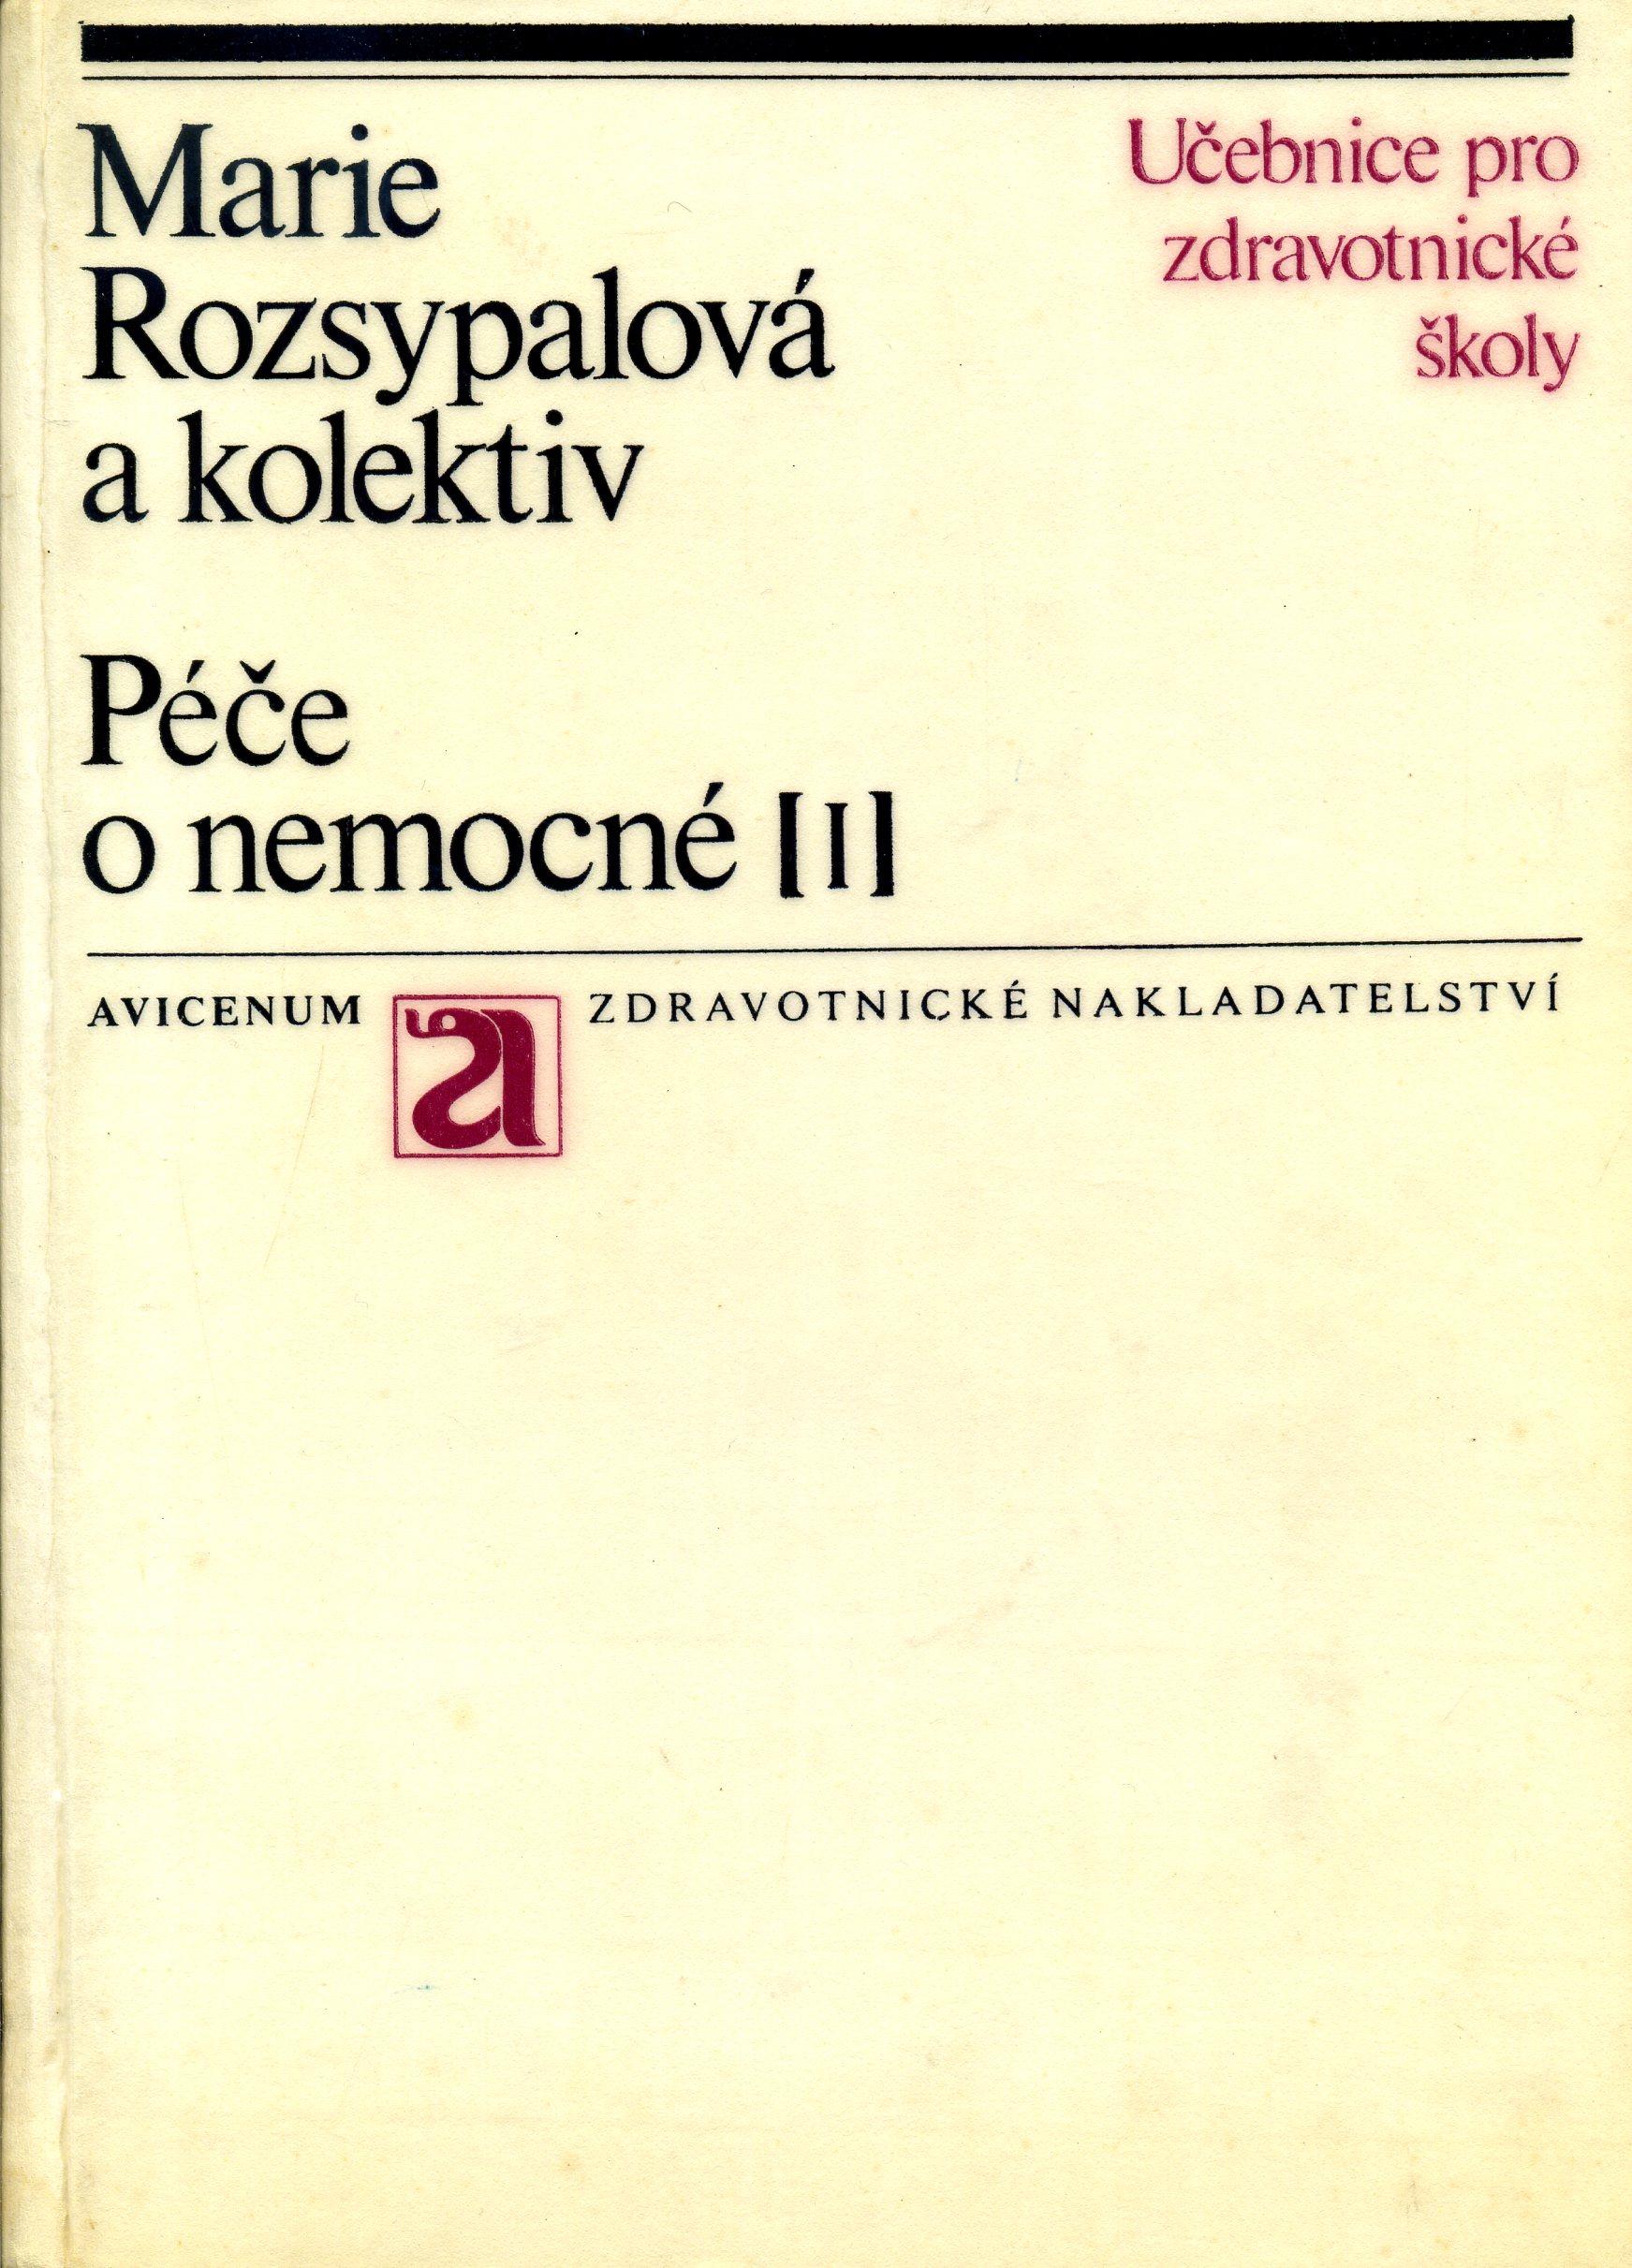 Péče o nemocné - Marie Rozsypalová a kolektiv /bazarové zboží/